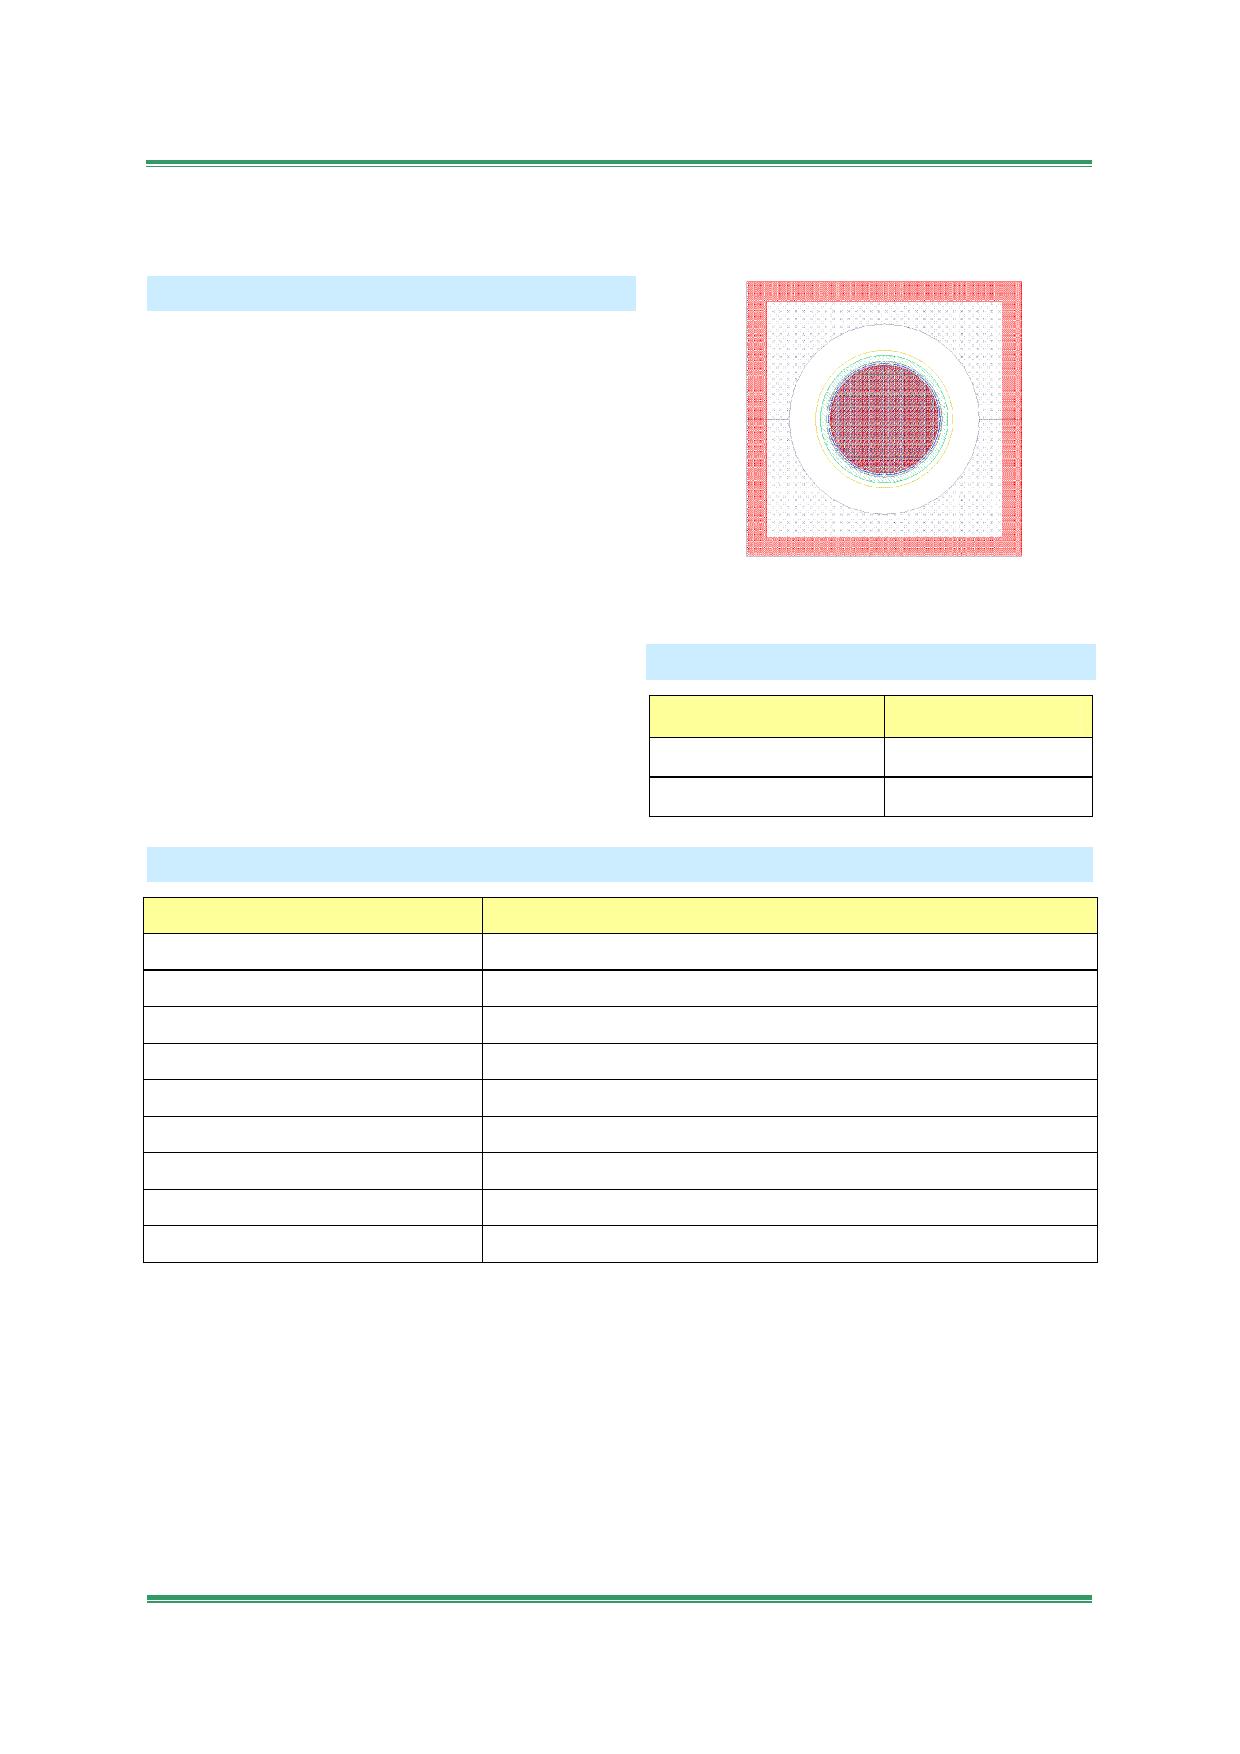 2KG026075JL Datasheet